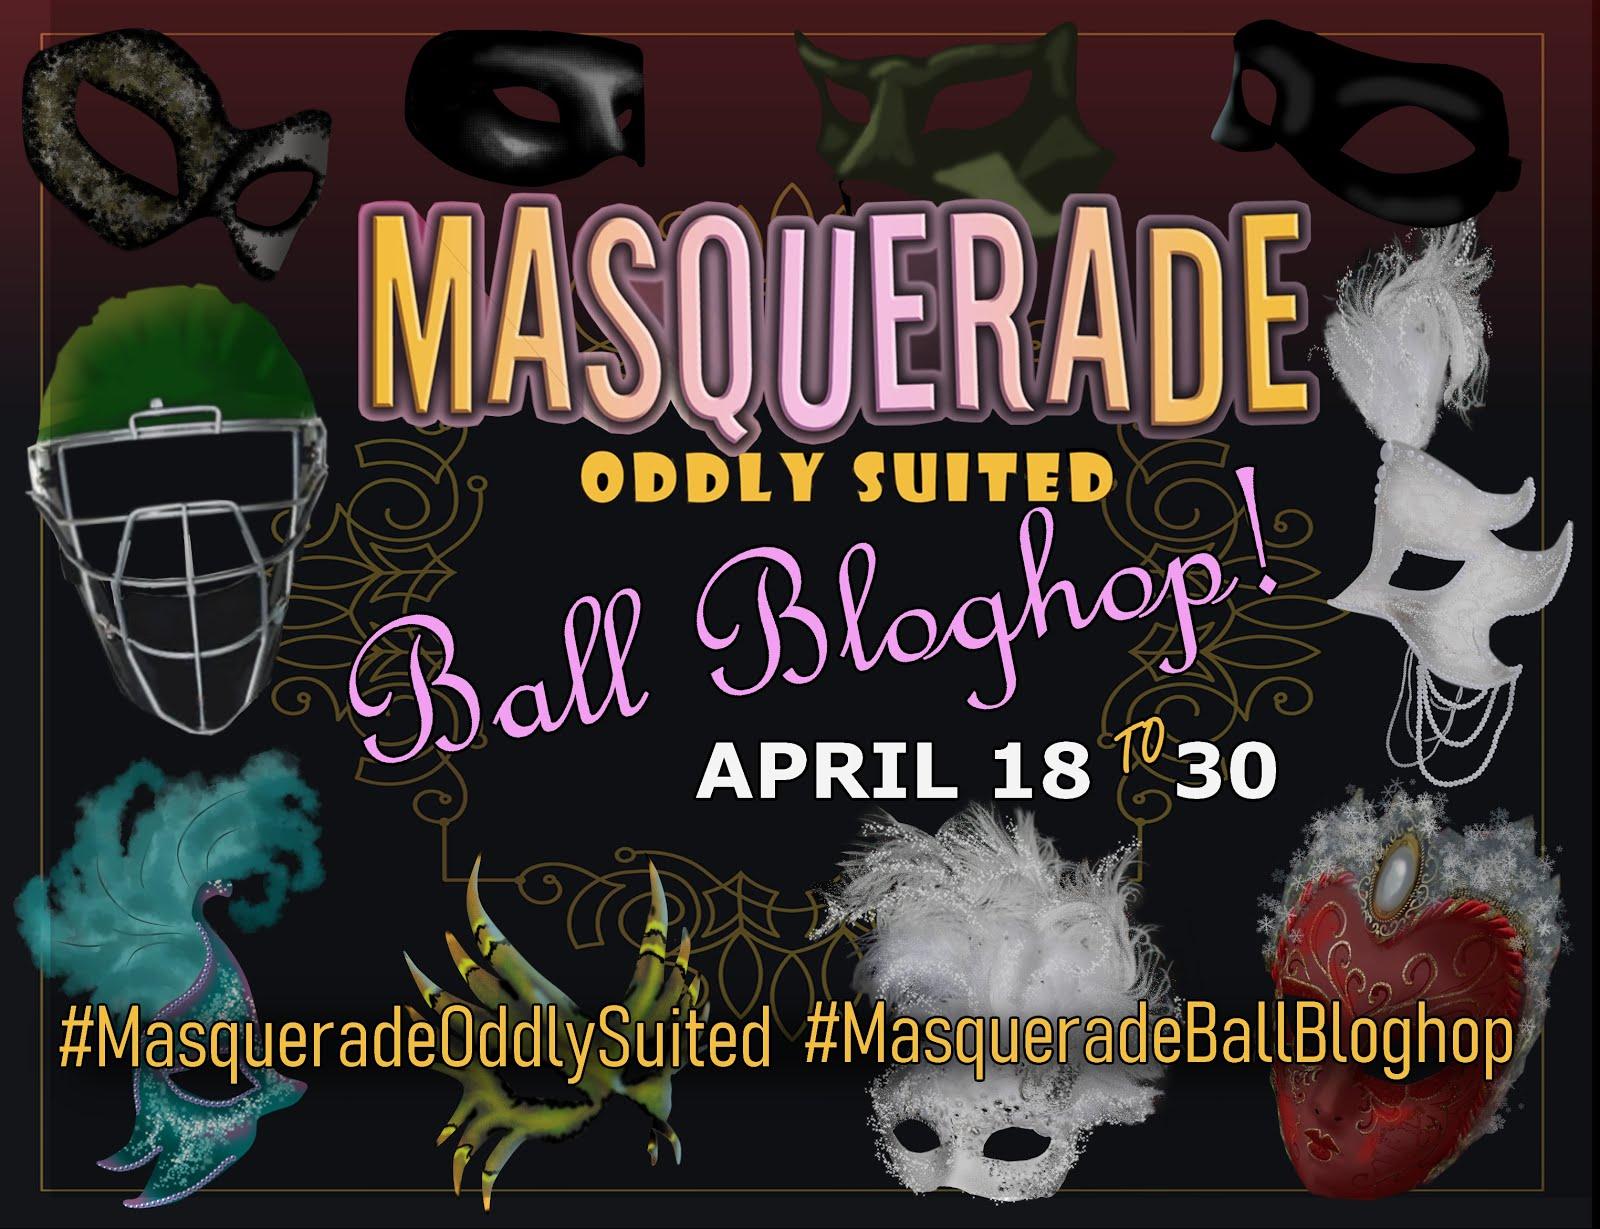 Masquerade Ball Bloghop